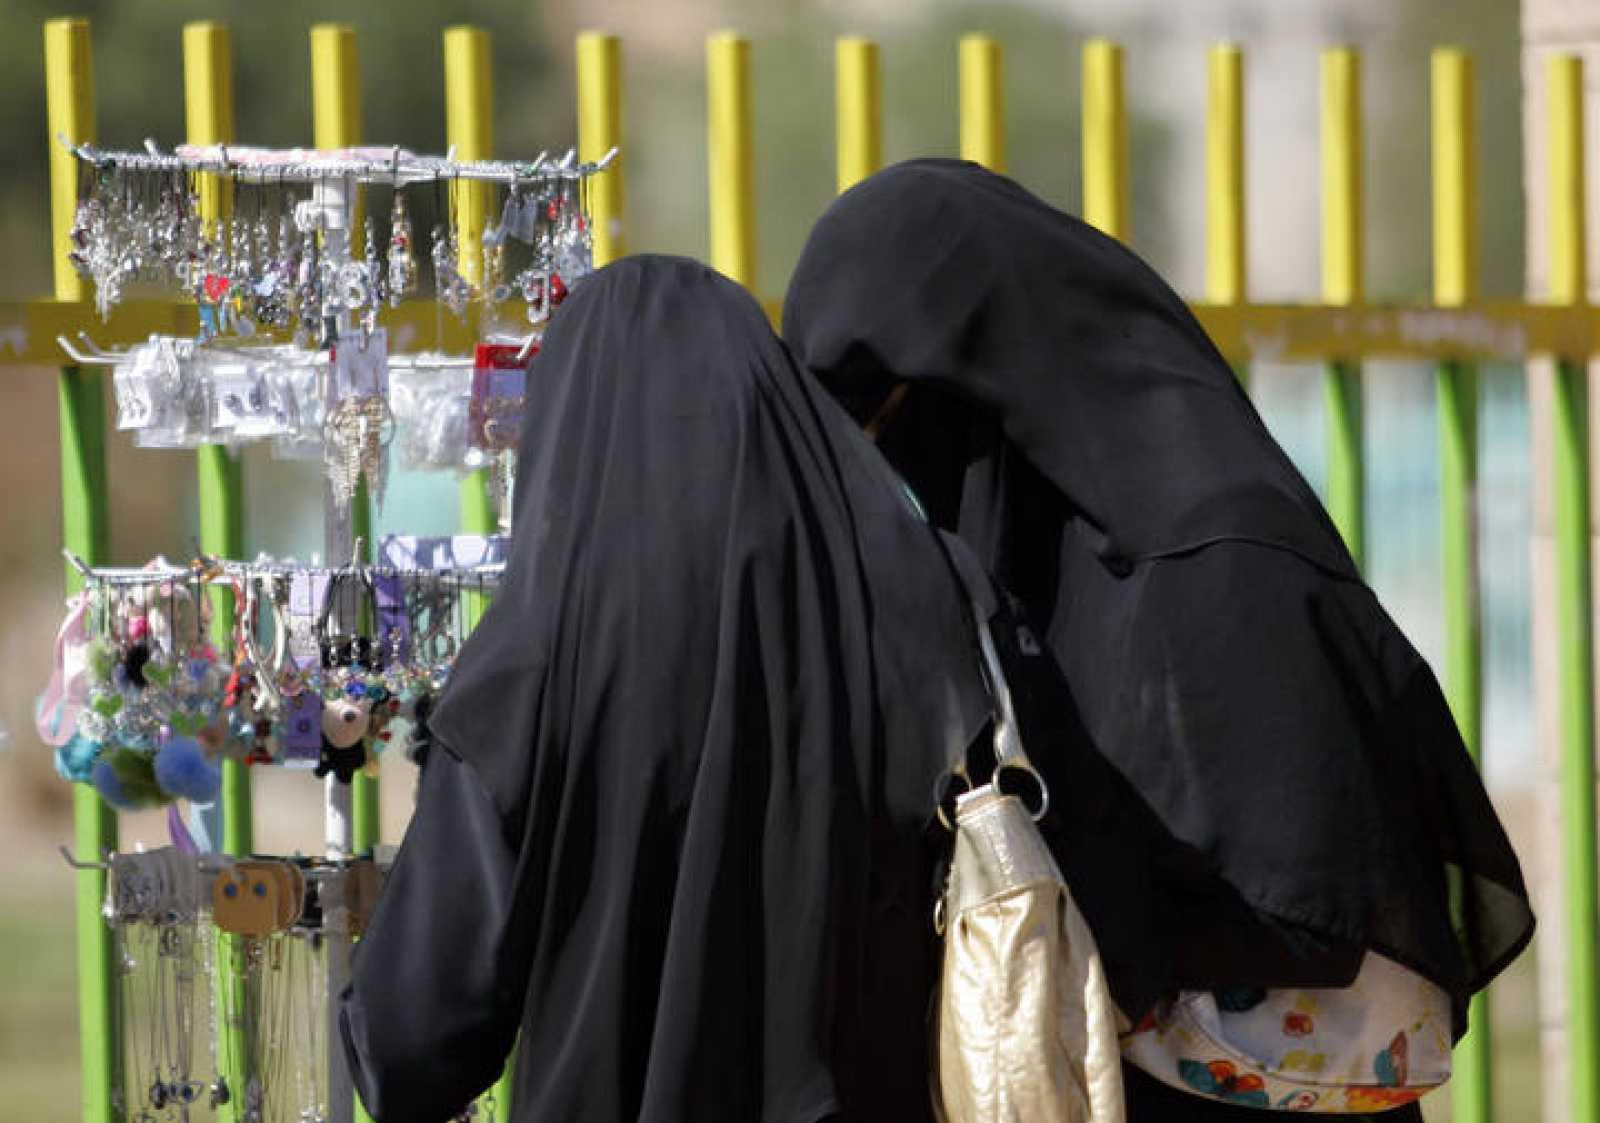 Dos mujeres vestidas con velos compran accesorios en un puesto ambulante en Sanaa en Yemen.